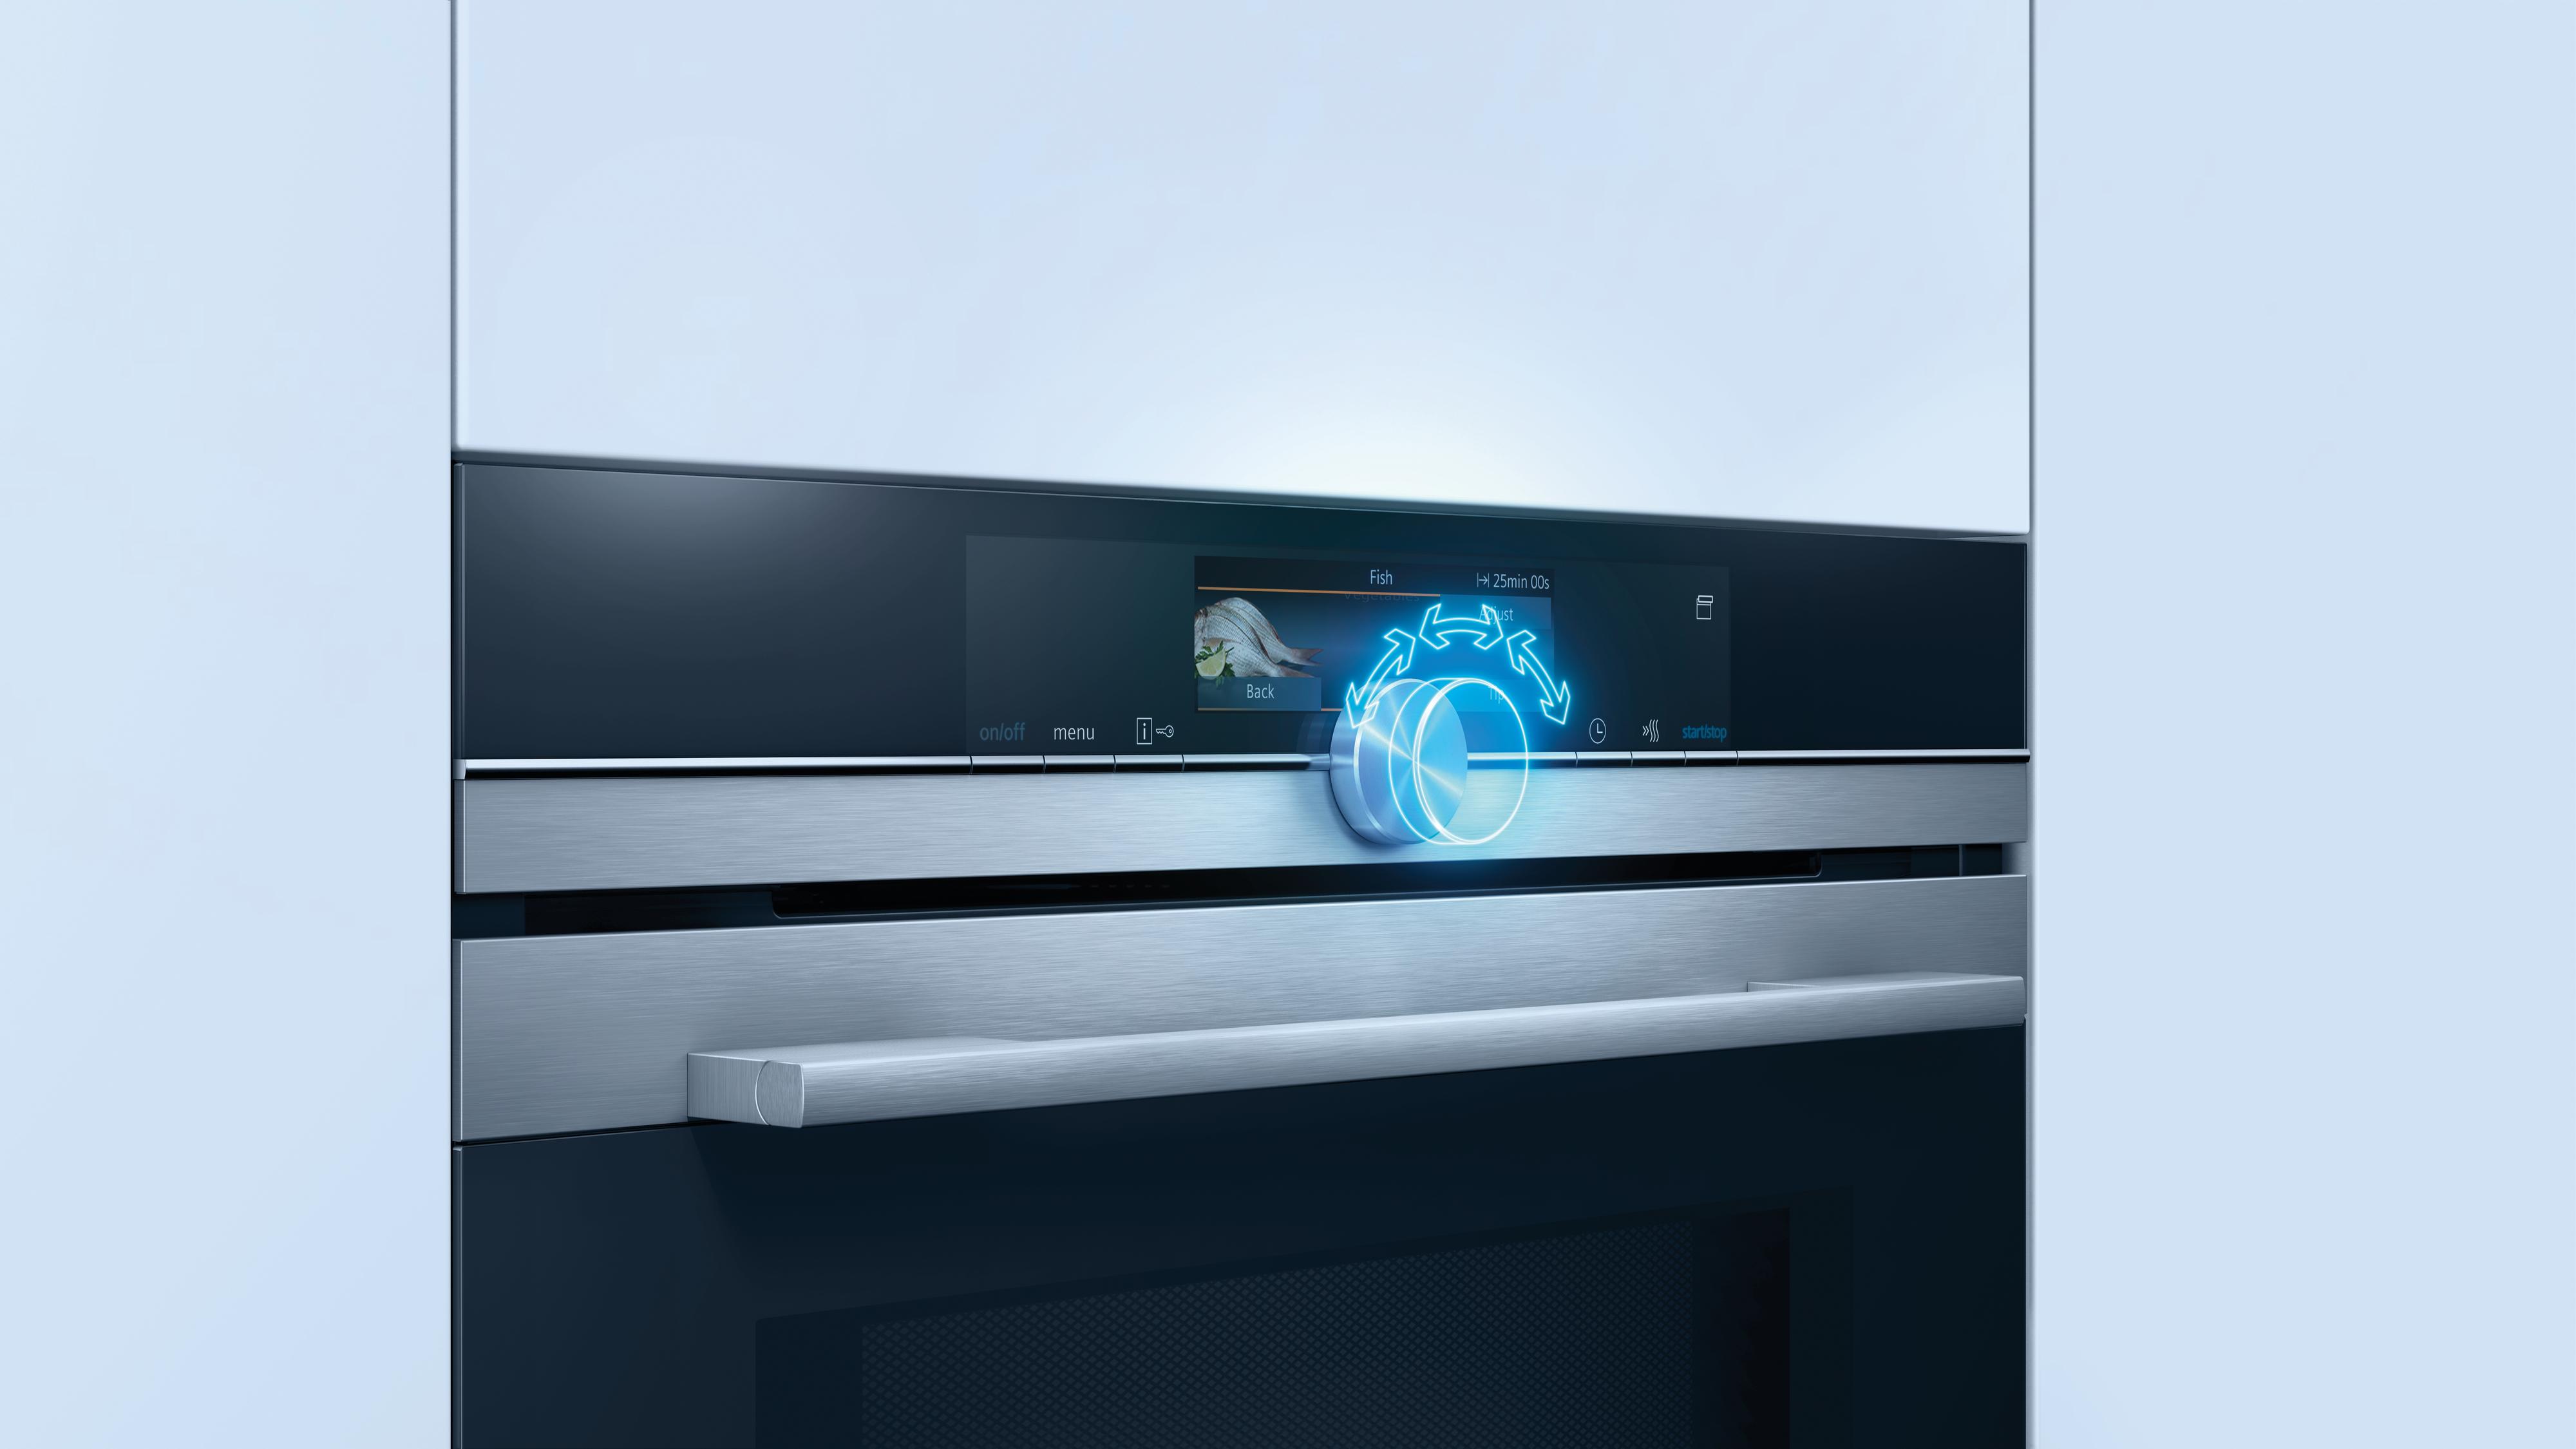 Predinštalované nastavenia a senzory zaisťujú vynikajúce výsledky - cookControl Plus.